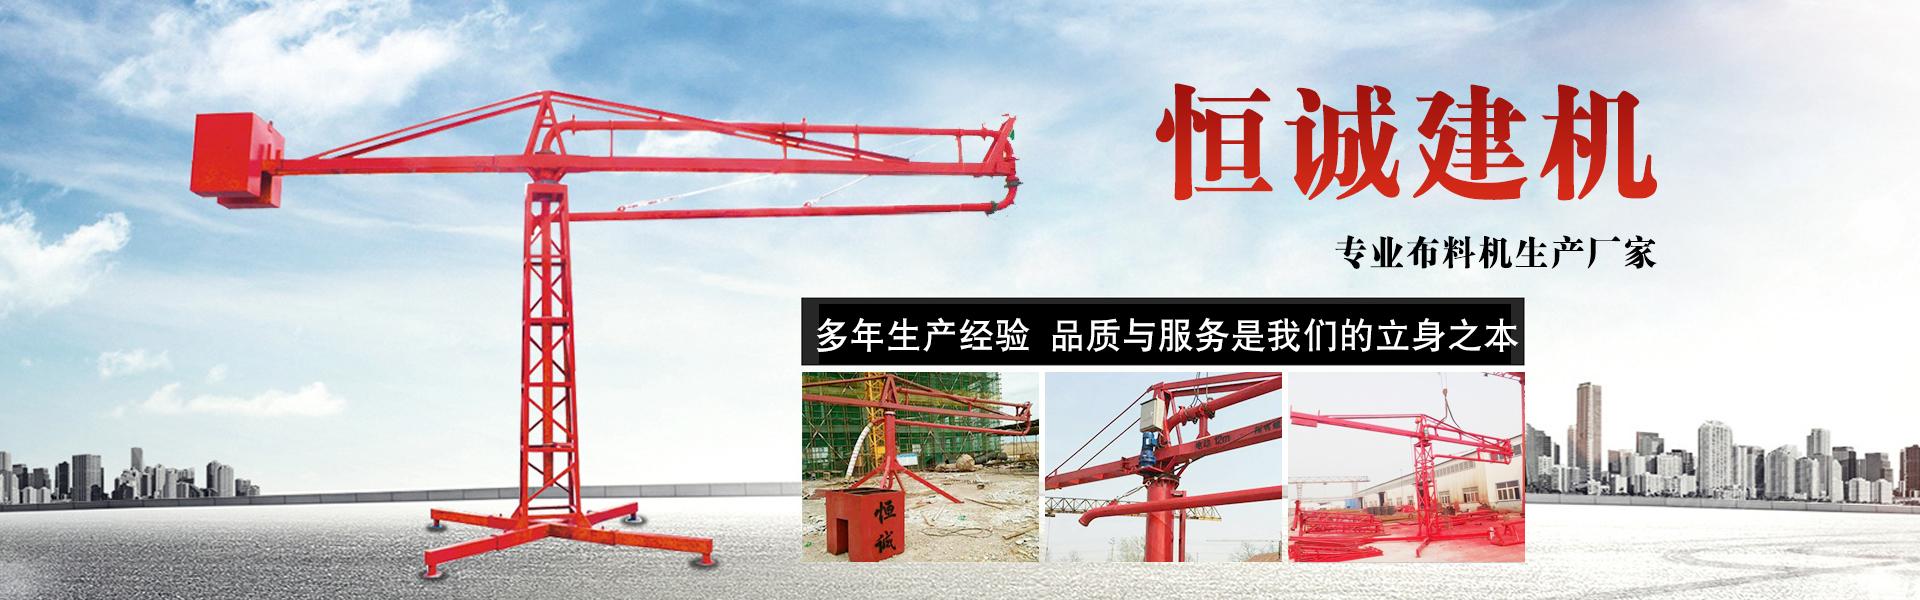 沧州晟赫机床附件制造有限公司